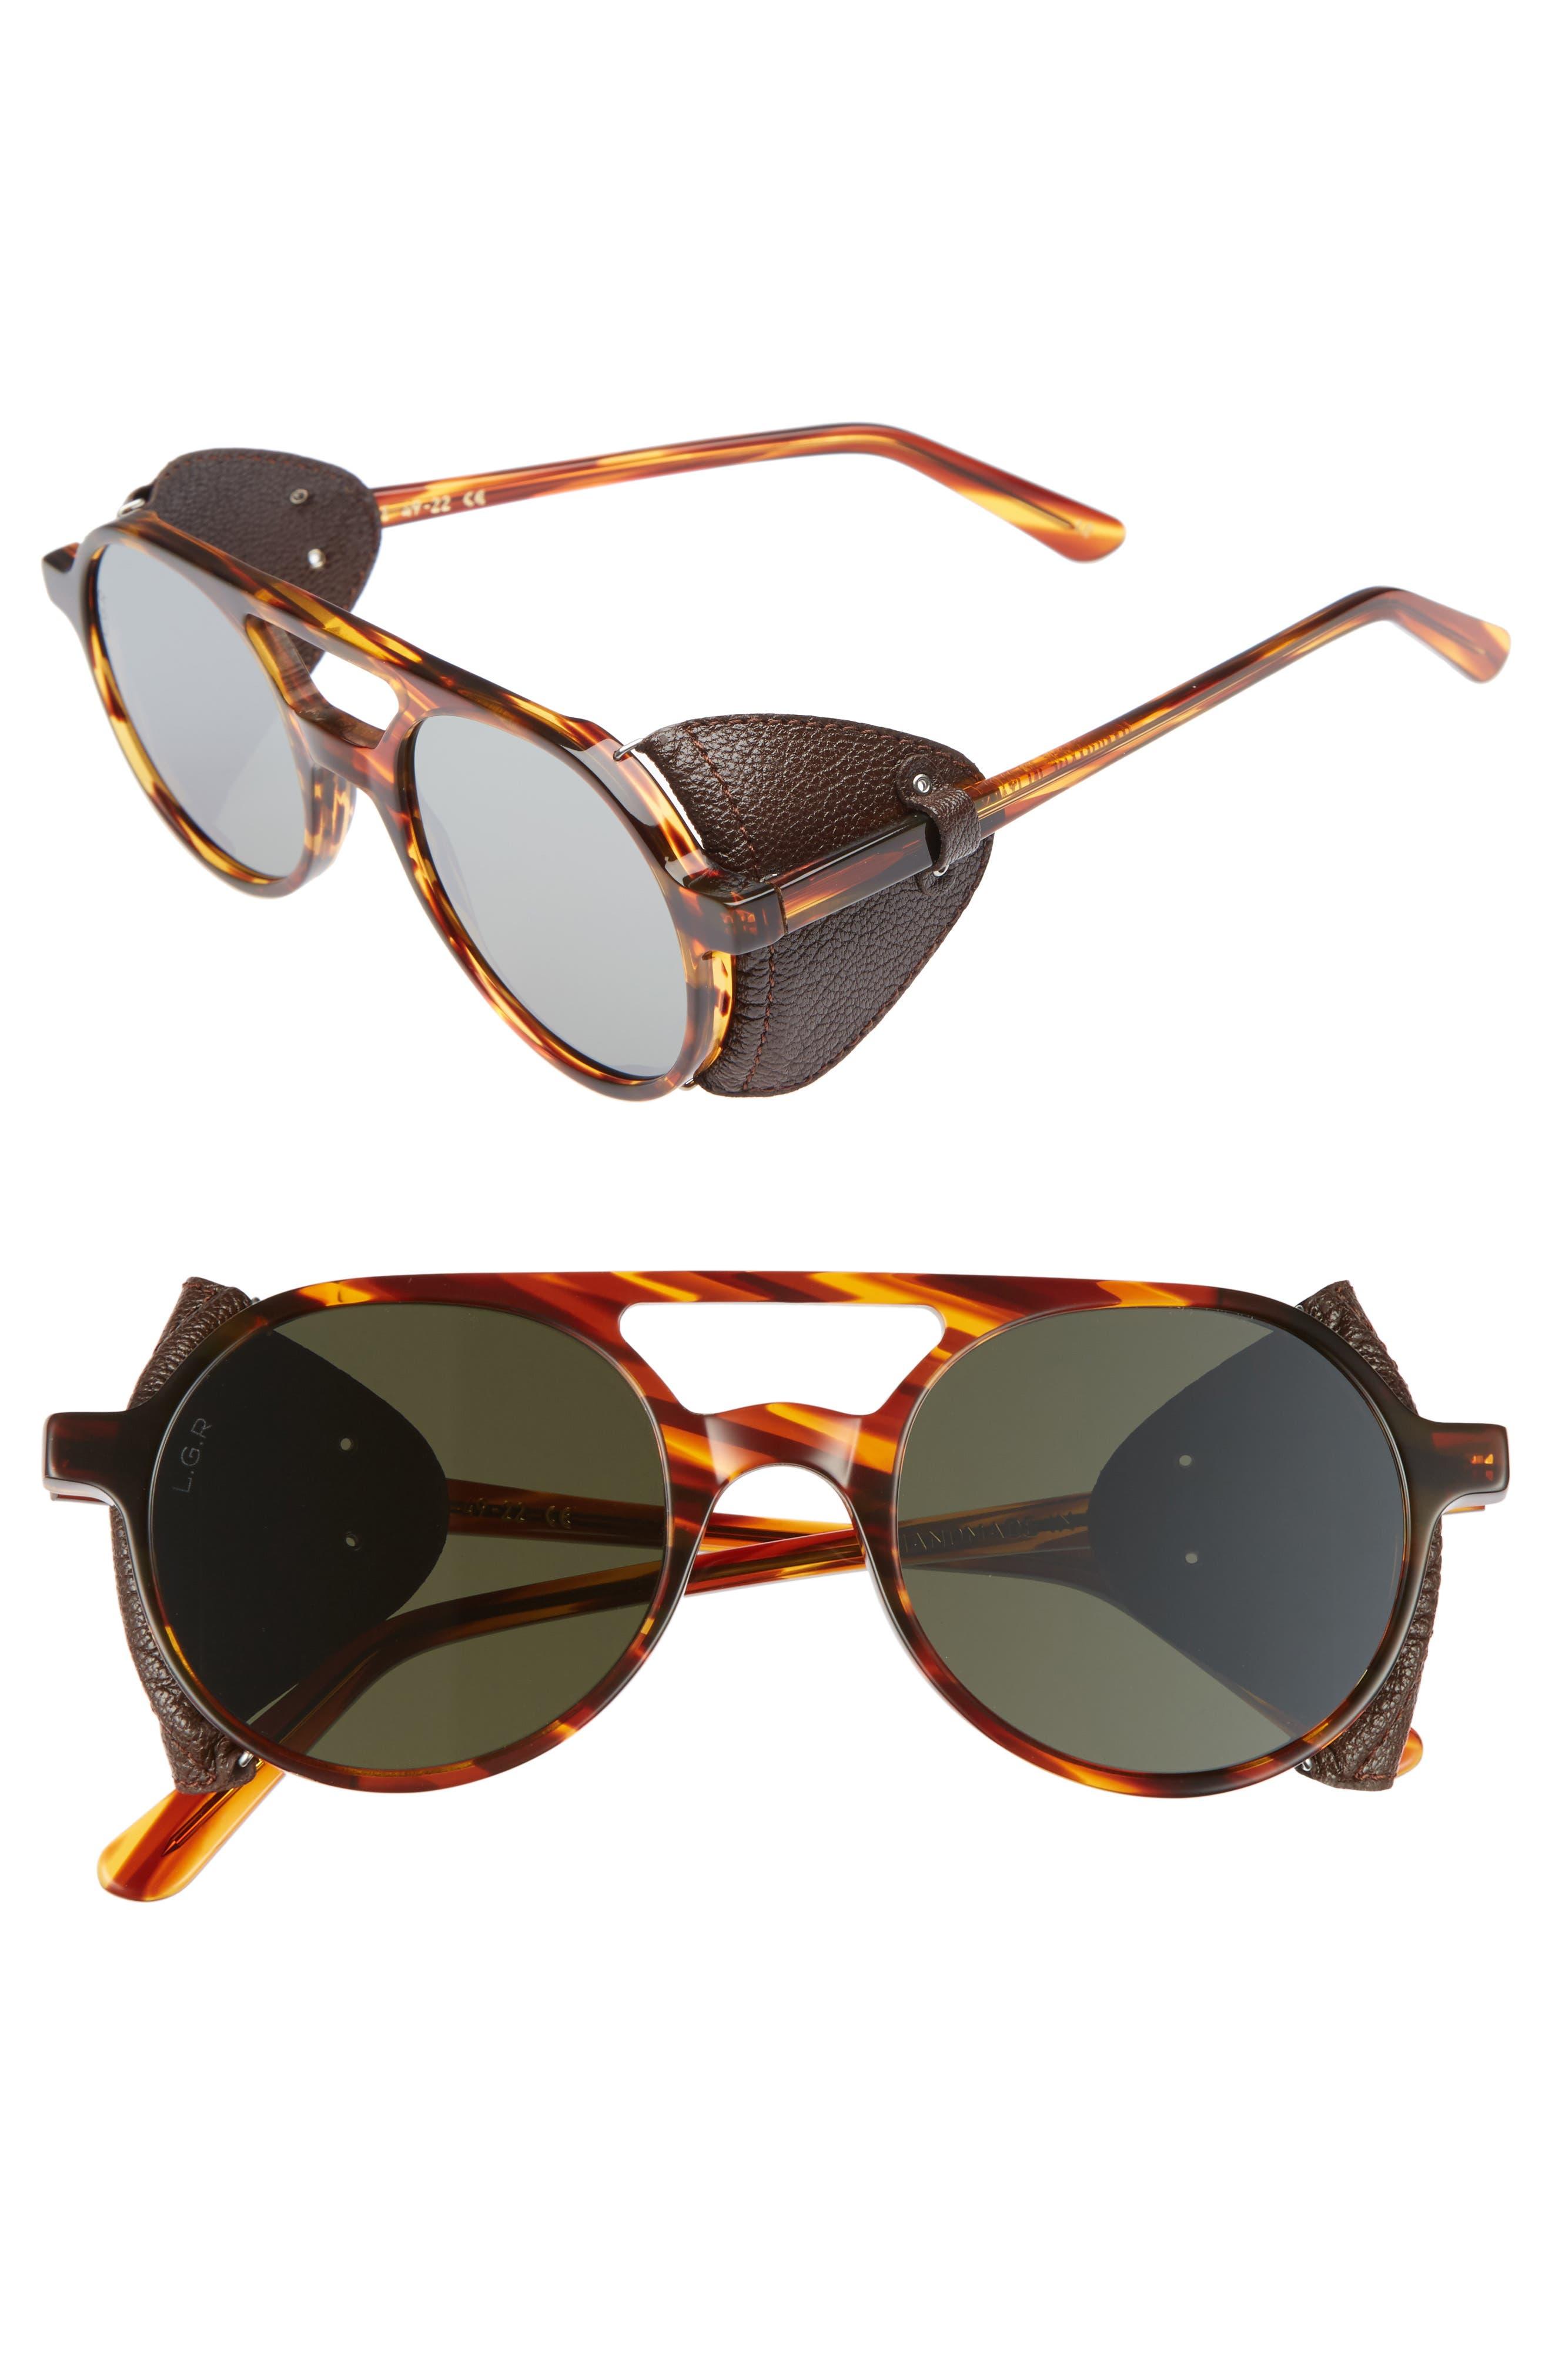 Reunion II 49mm Sunglasses,                         Main,                         color, Havana Fiammato/ Brown